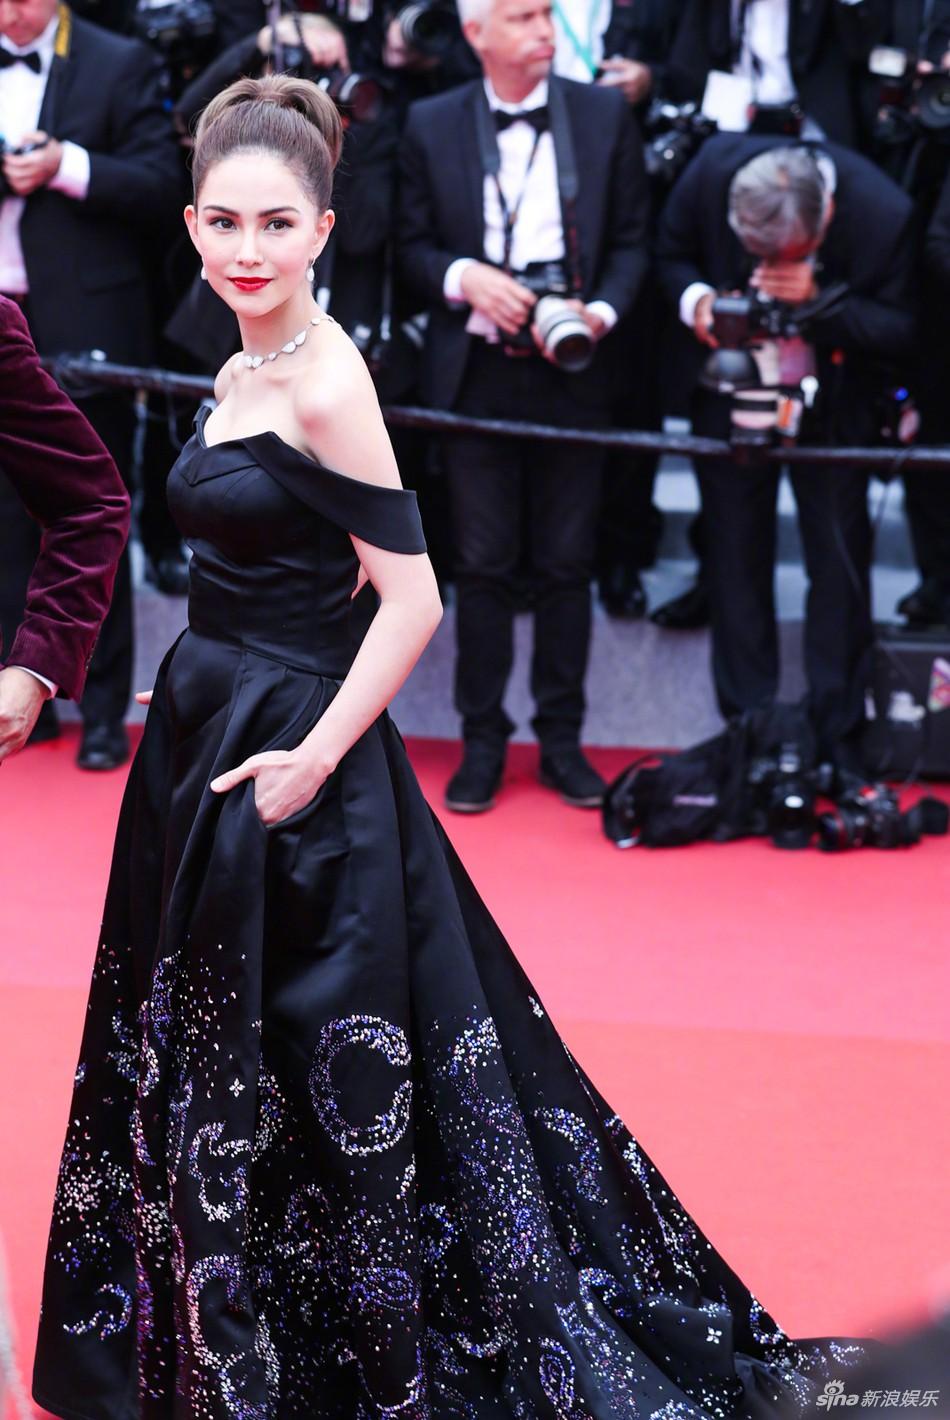 Chiếc váy tùng xoè lộng lẫy nhưng cũng khiến Jessica suýt ngã, phải nhờ 2 người nâng váy Cannes 2019 - Ảnh 5.